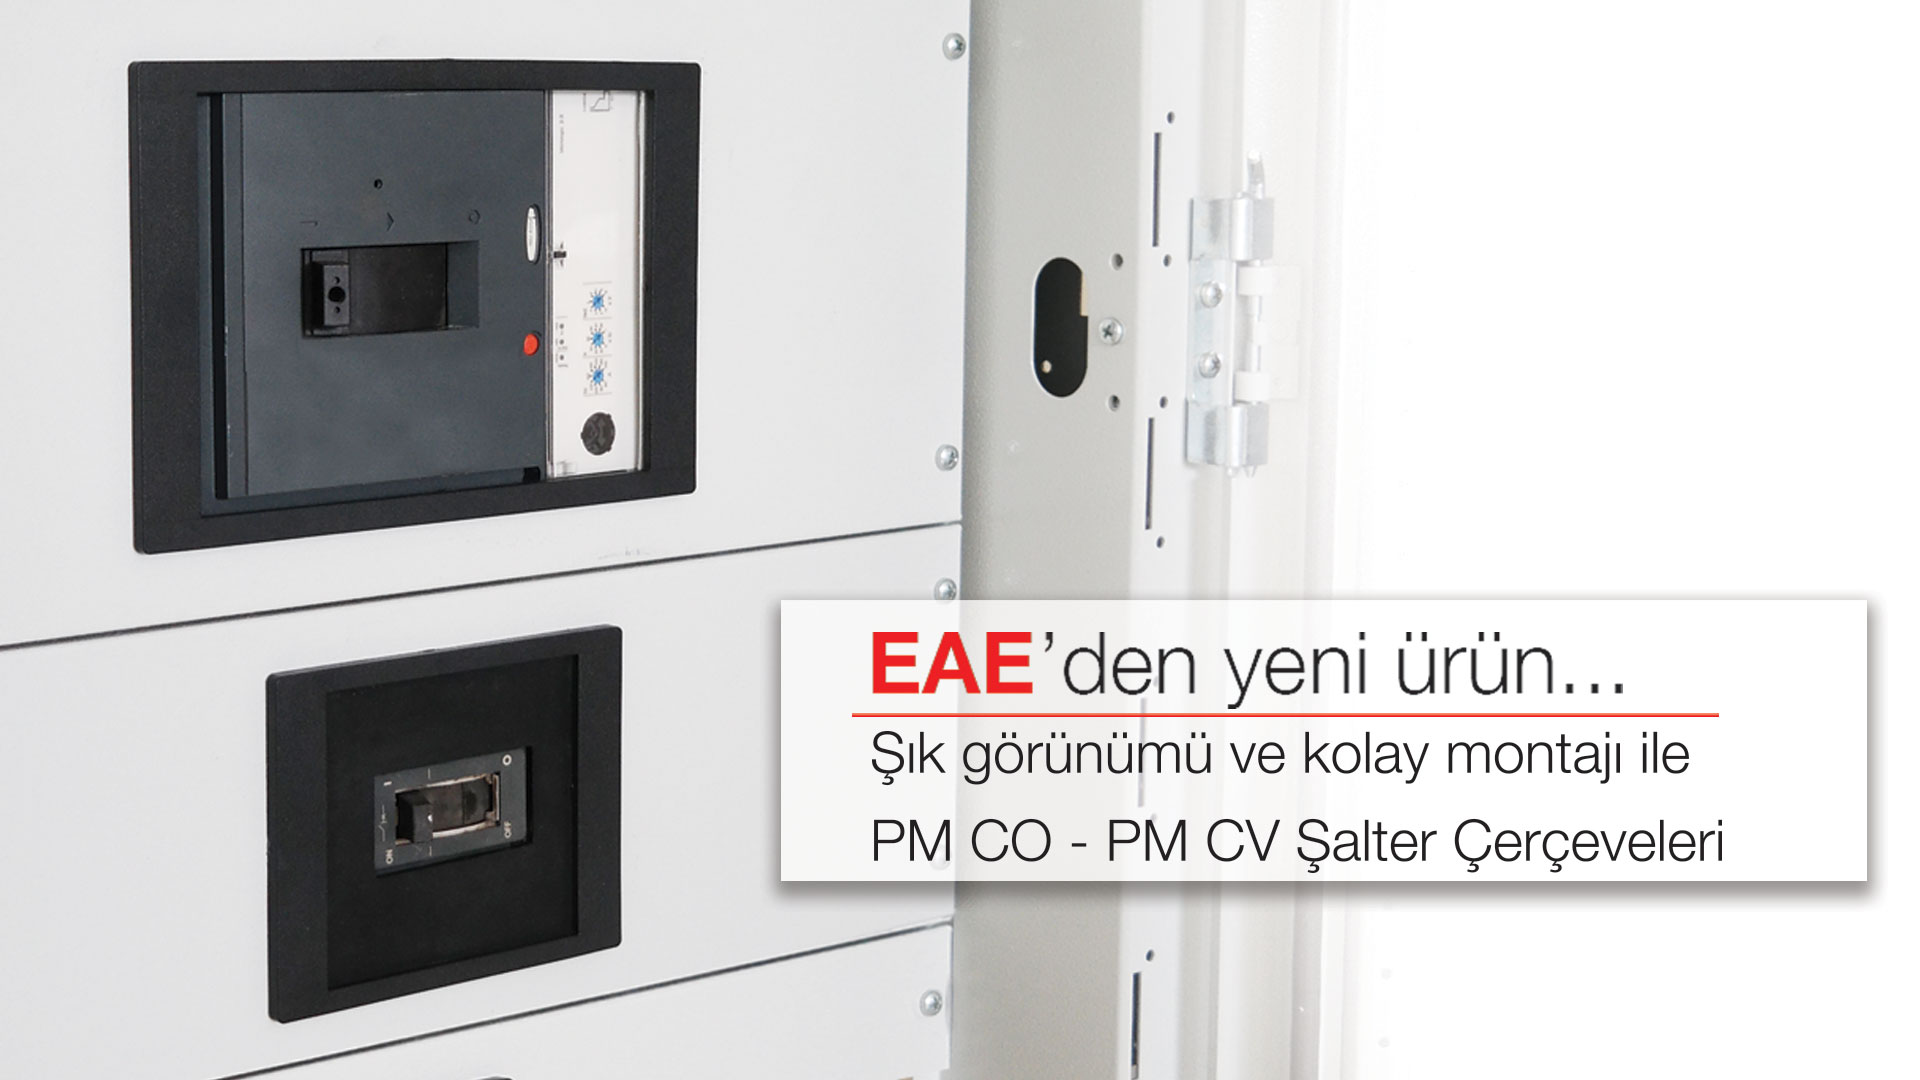 Yeni Ürün PMCO-PMCV Şalter Çerçeveleri